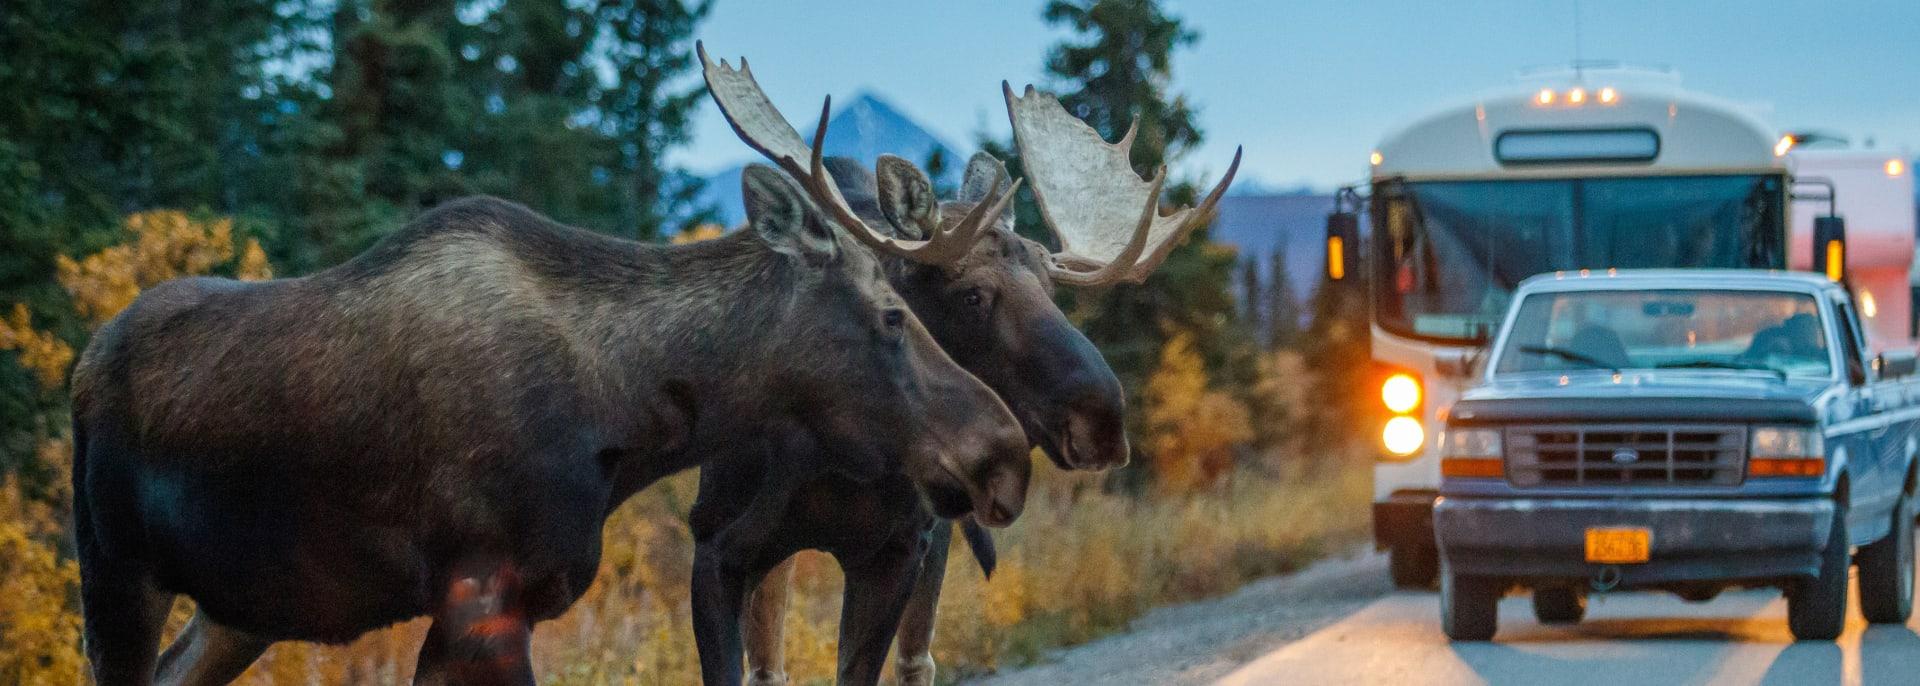 Elchbullen, Alaska